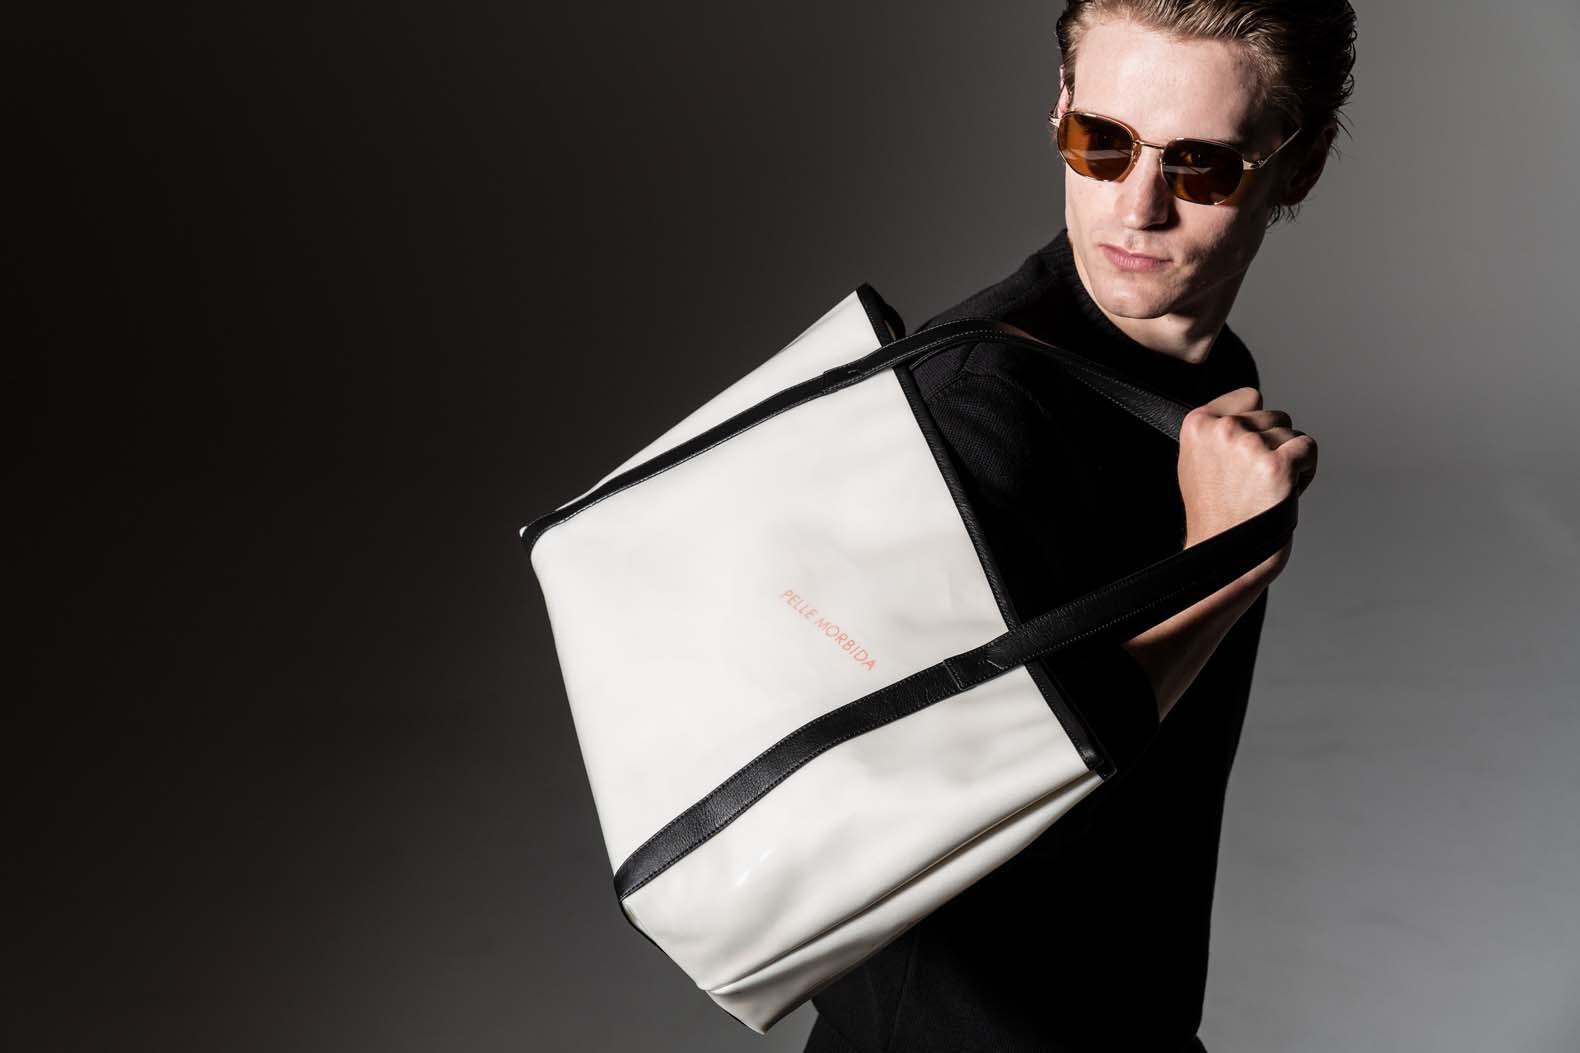 気張りすぎない大人モードはこのバッグで完成させる